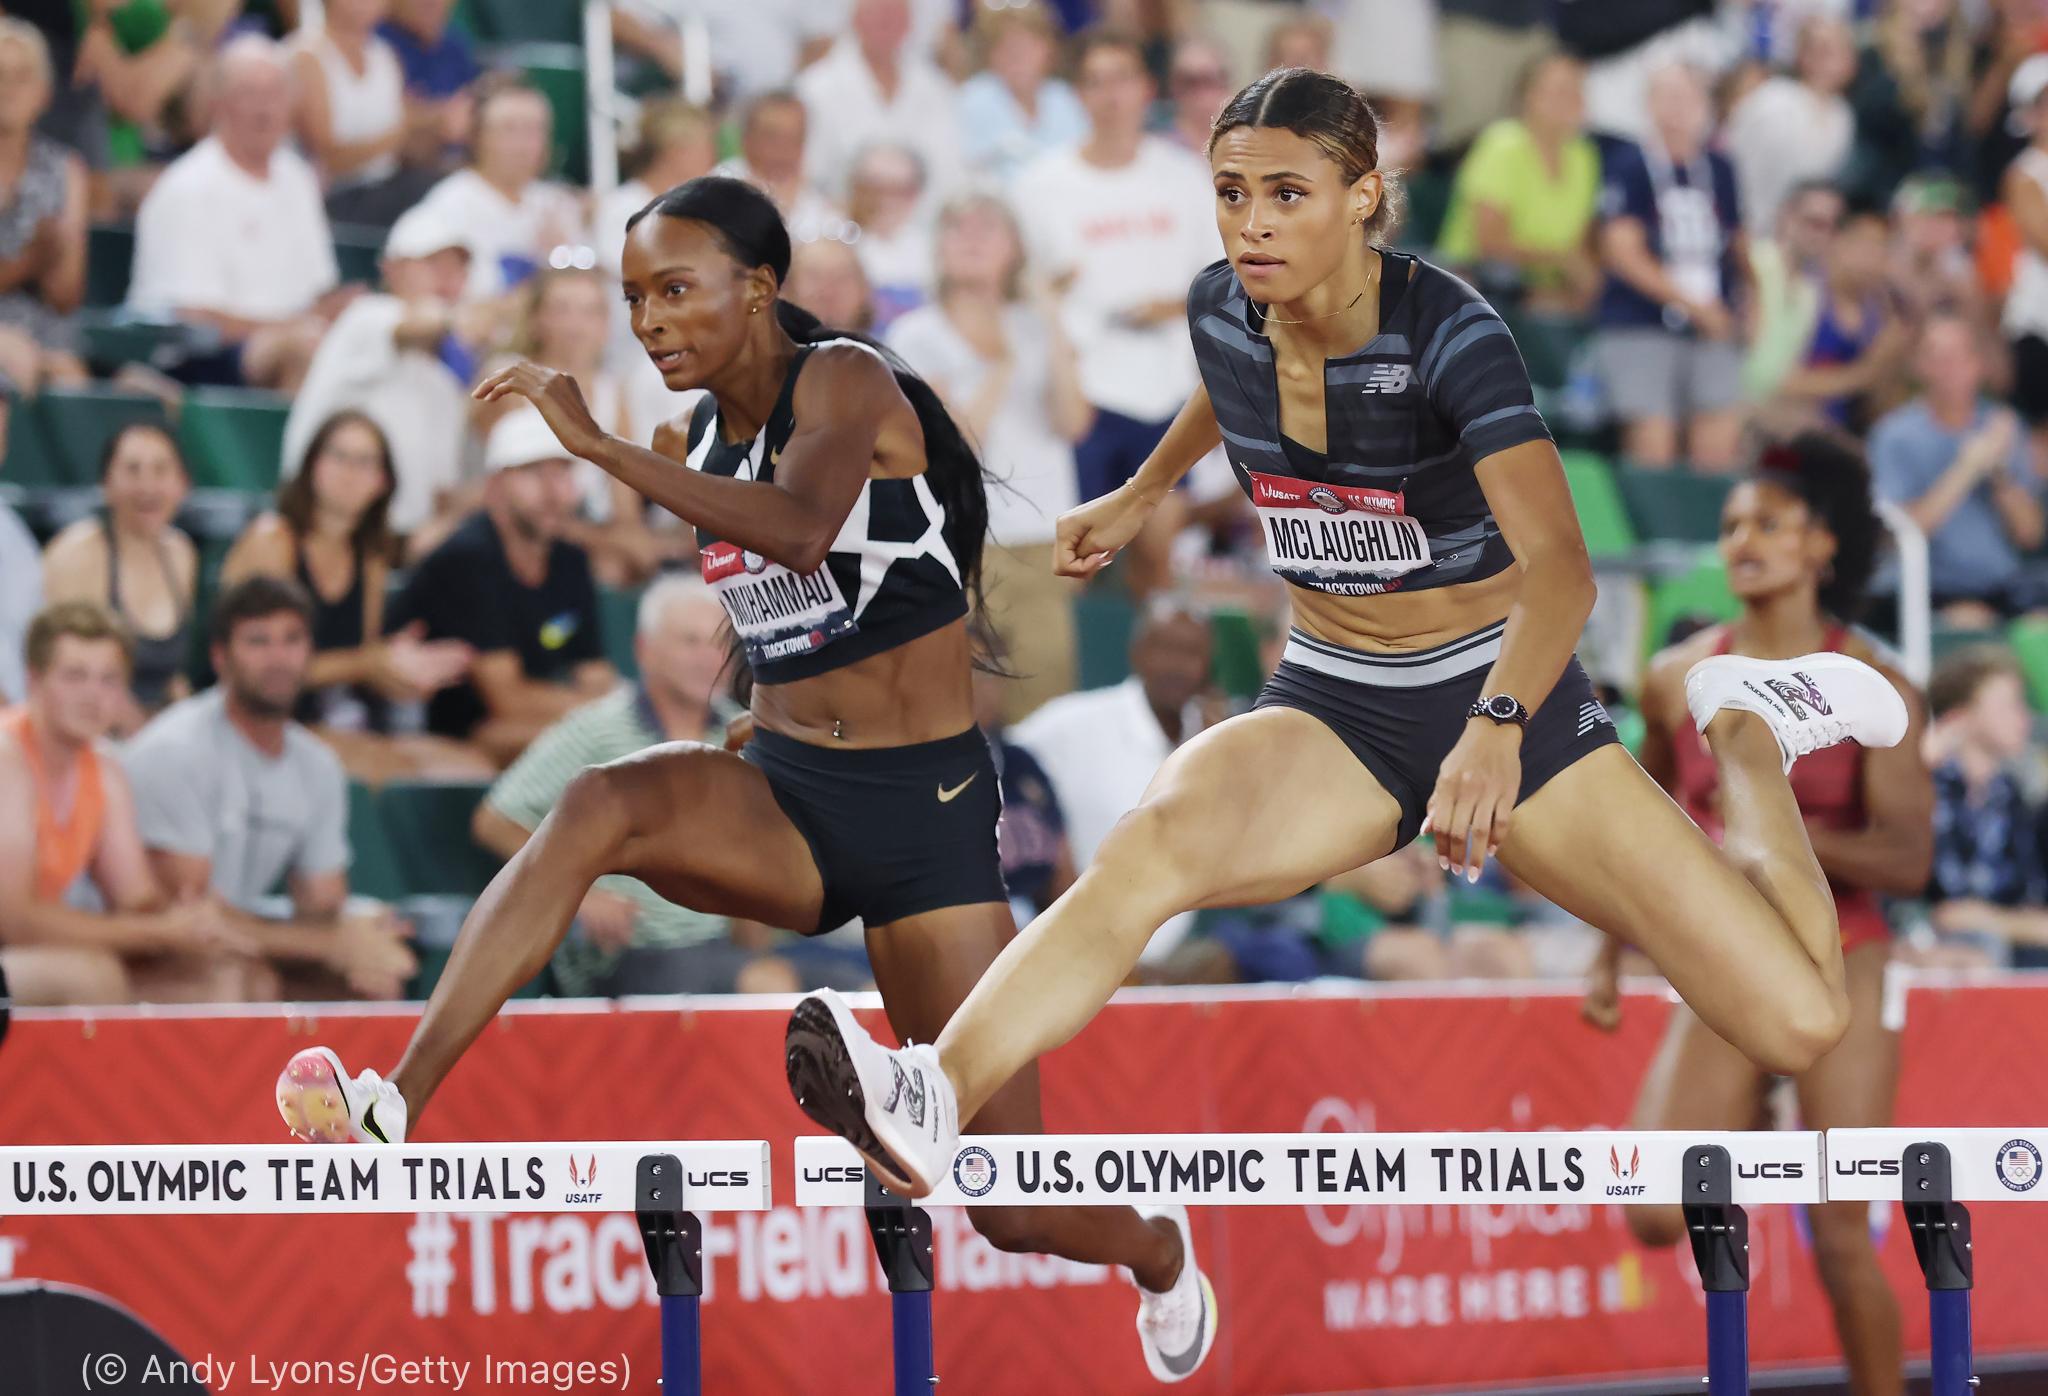 Dos mujeres saltando vallas de atletismo (© Andy Lyons/Getty Images)